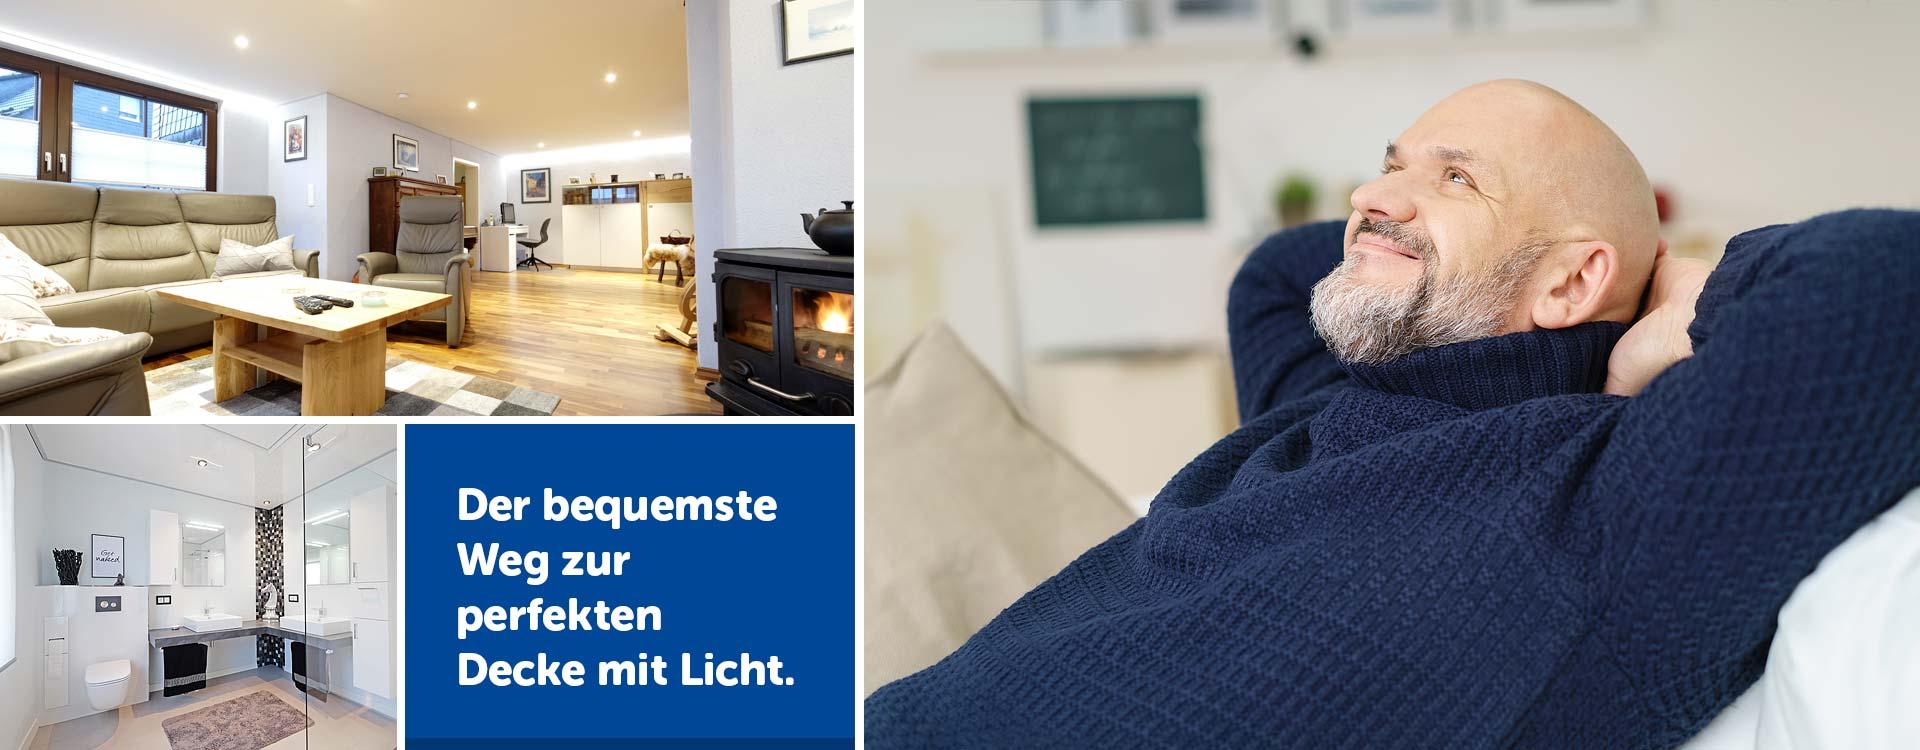 PLAMECO Spanndecken Siegen - Decke renovieren schnell und sauber